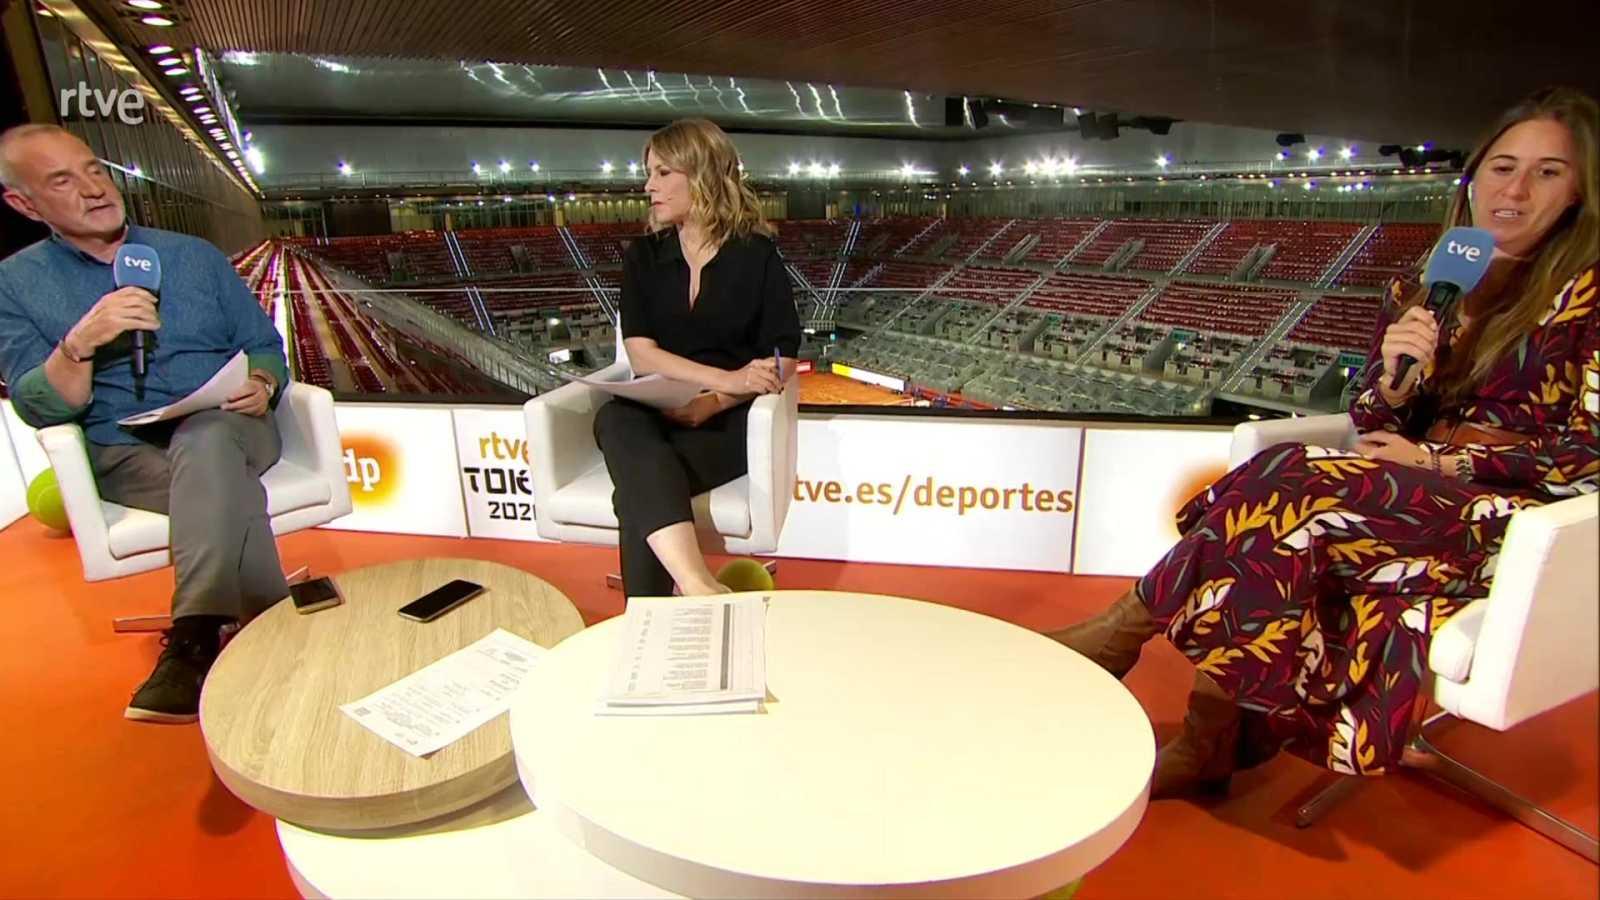 Mutua Madrid Open - Resumen diario 06/05/21 - ver ahora